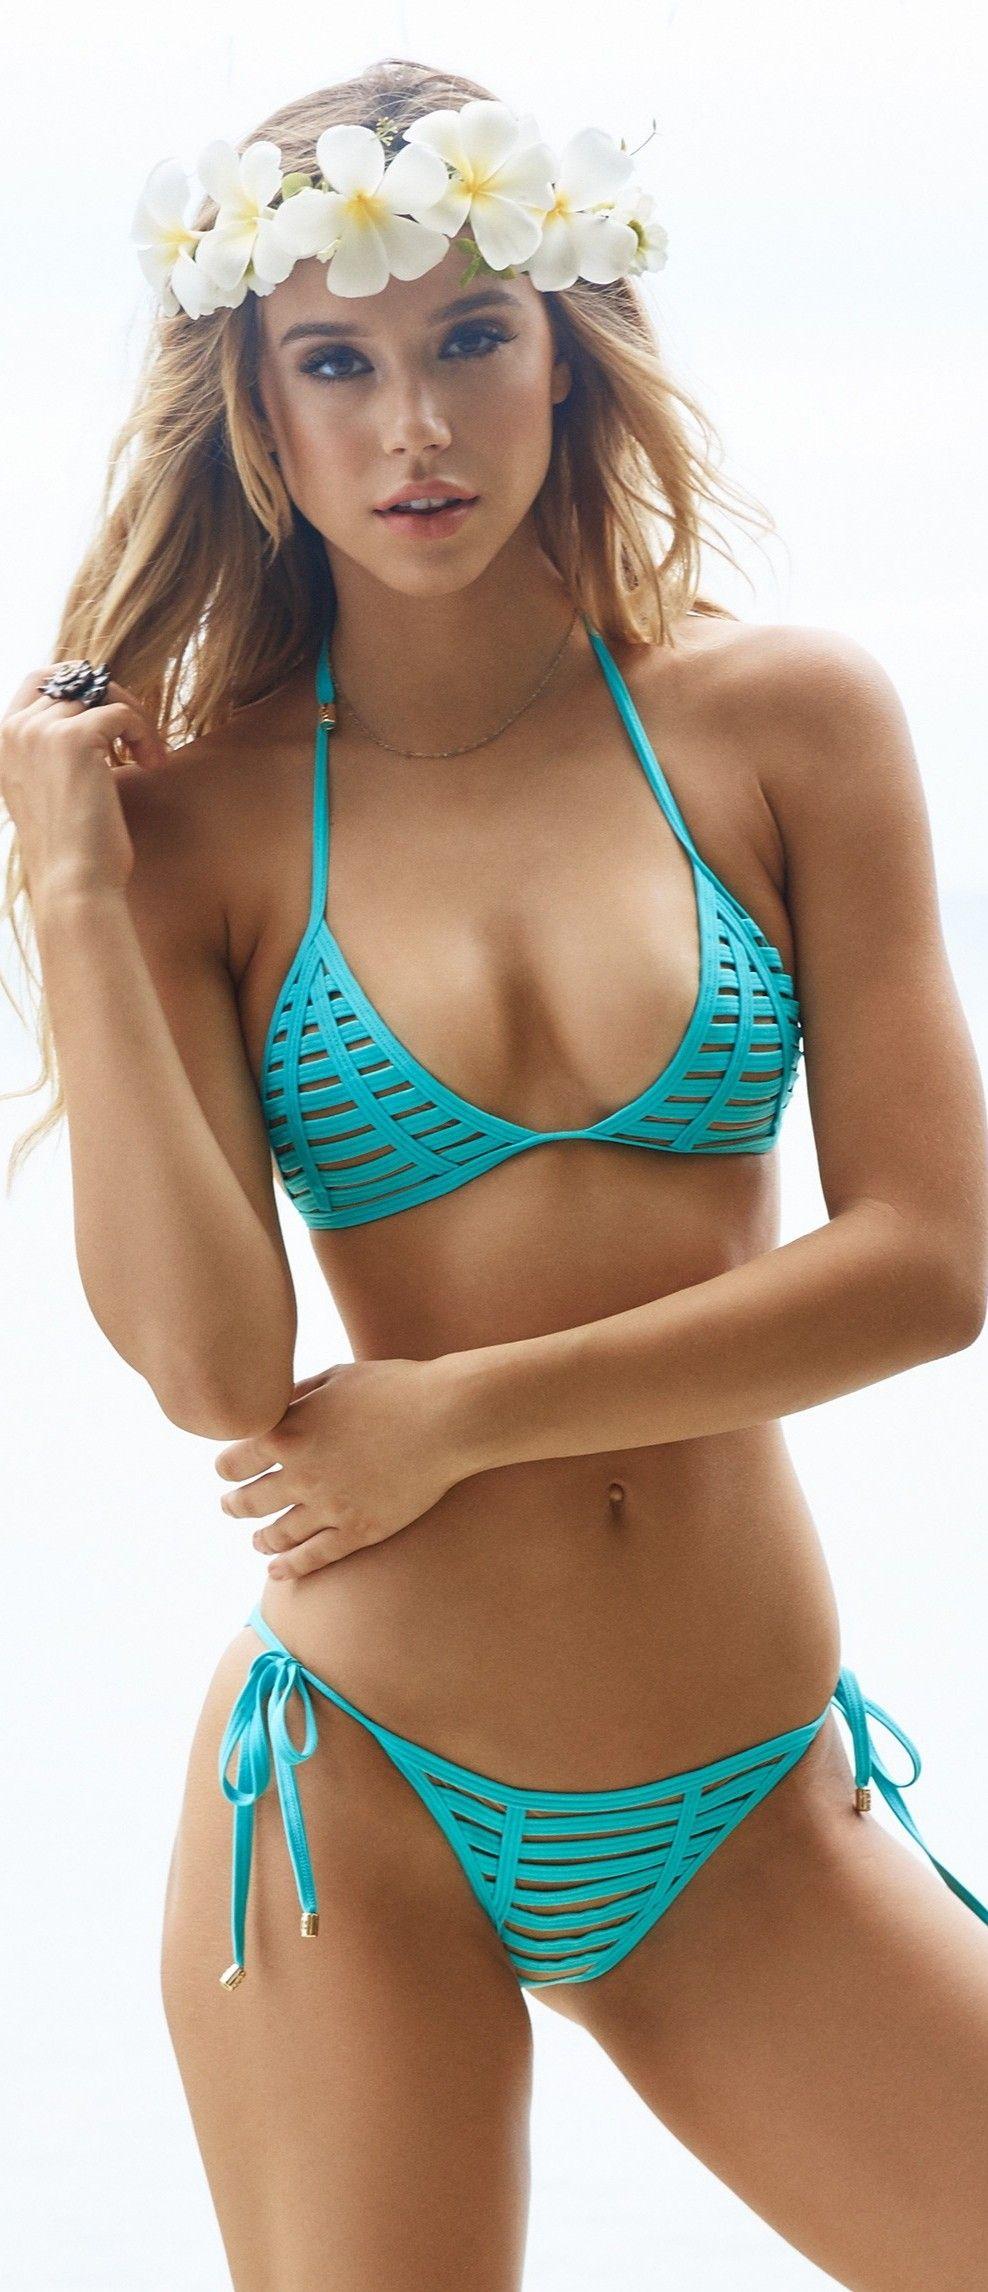 sexy bilder von kerri walsh